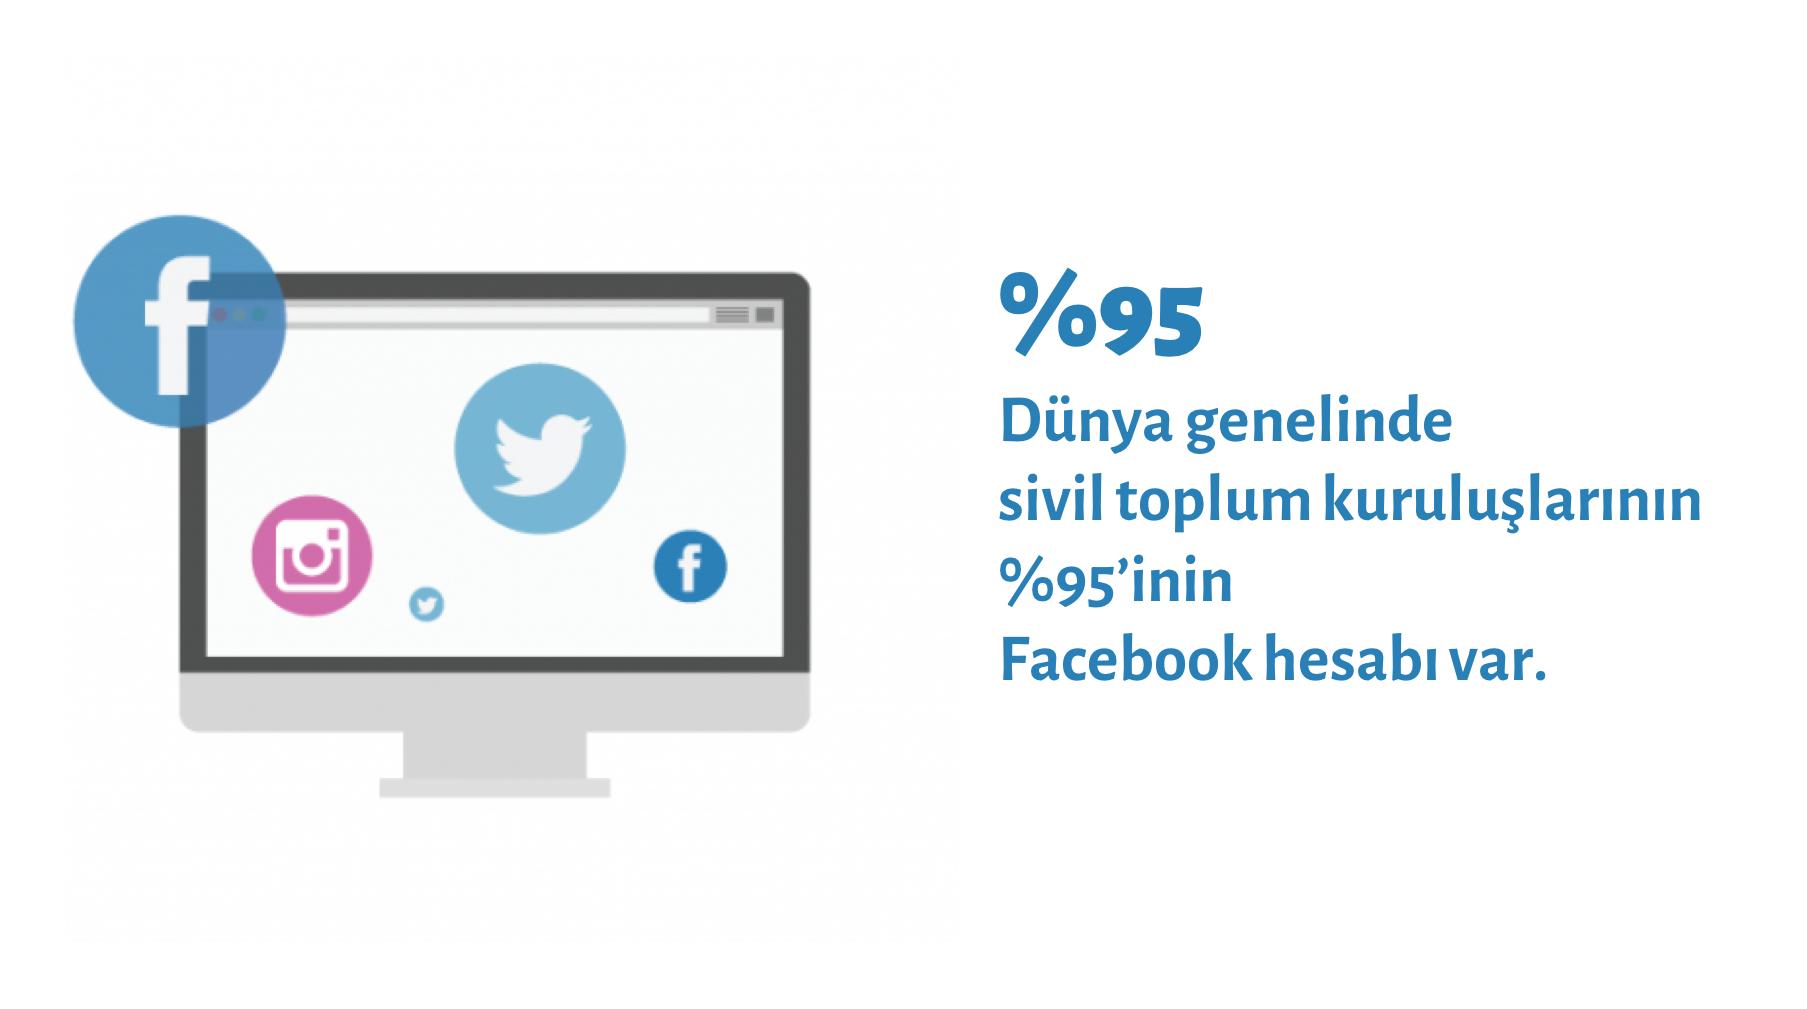 Sivil toplum kuruluşları en çok Facebook'u kullanıyor